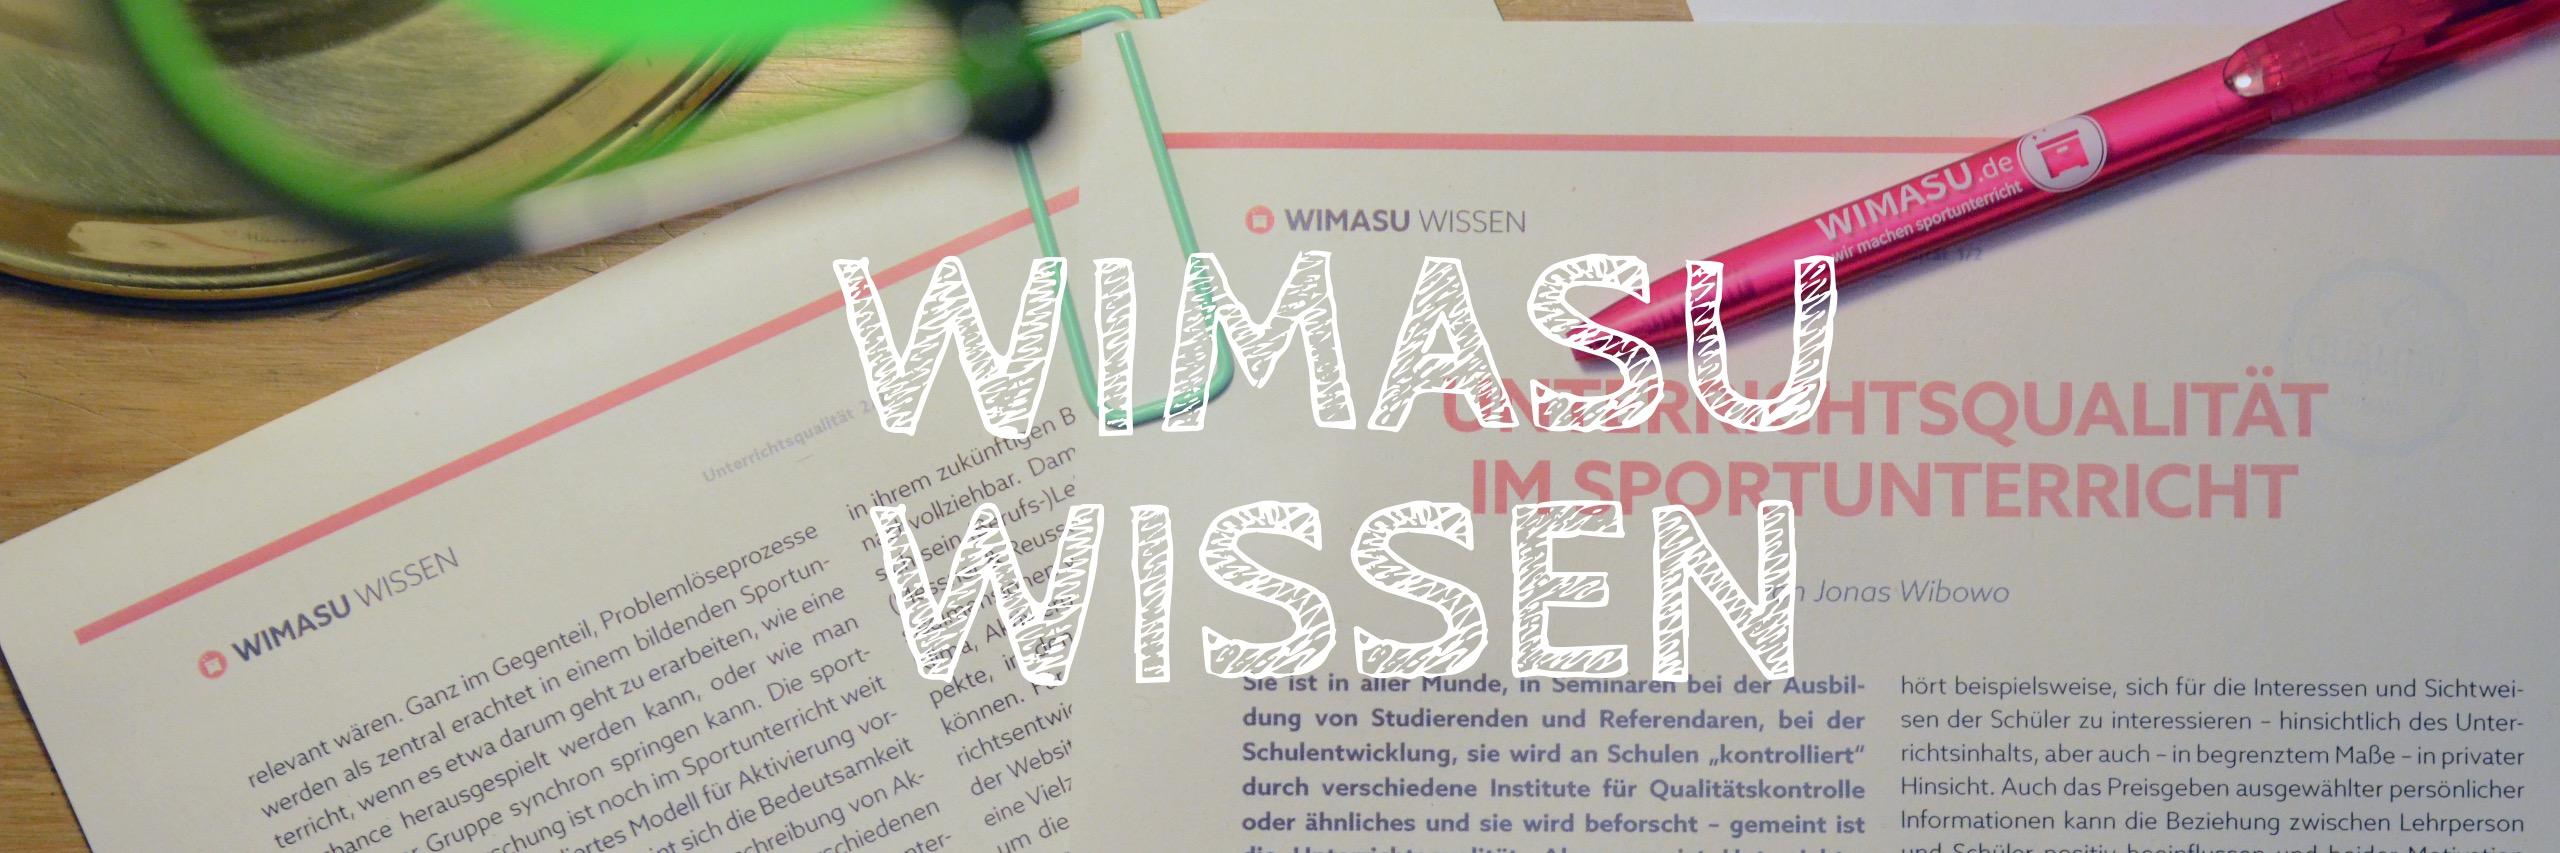 WIMASU WISSEN